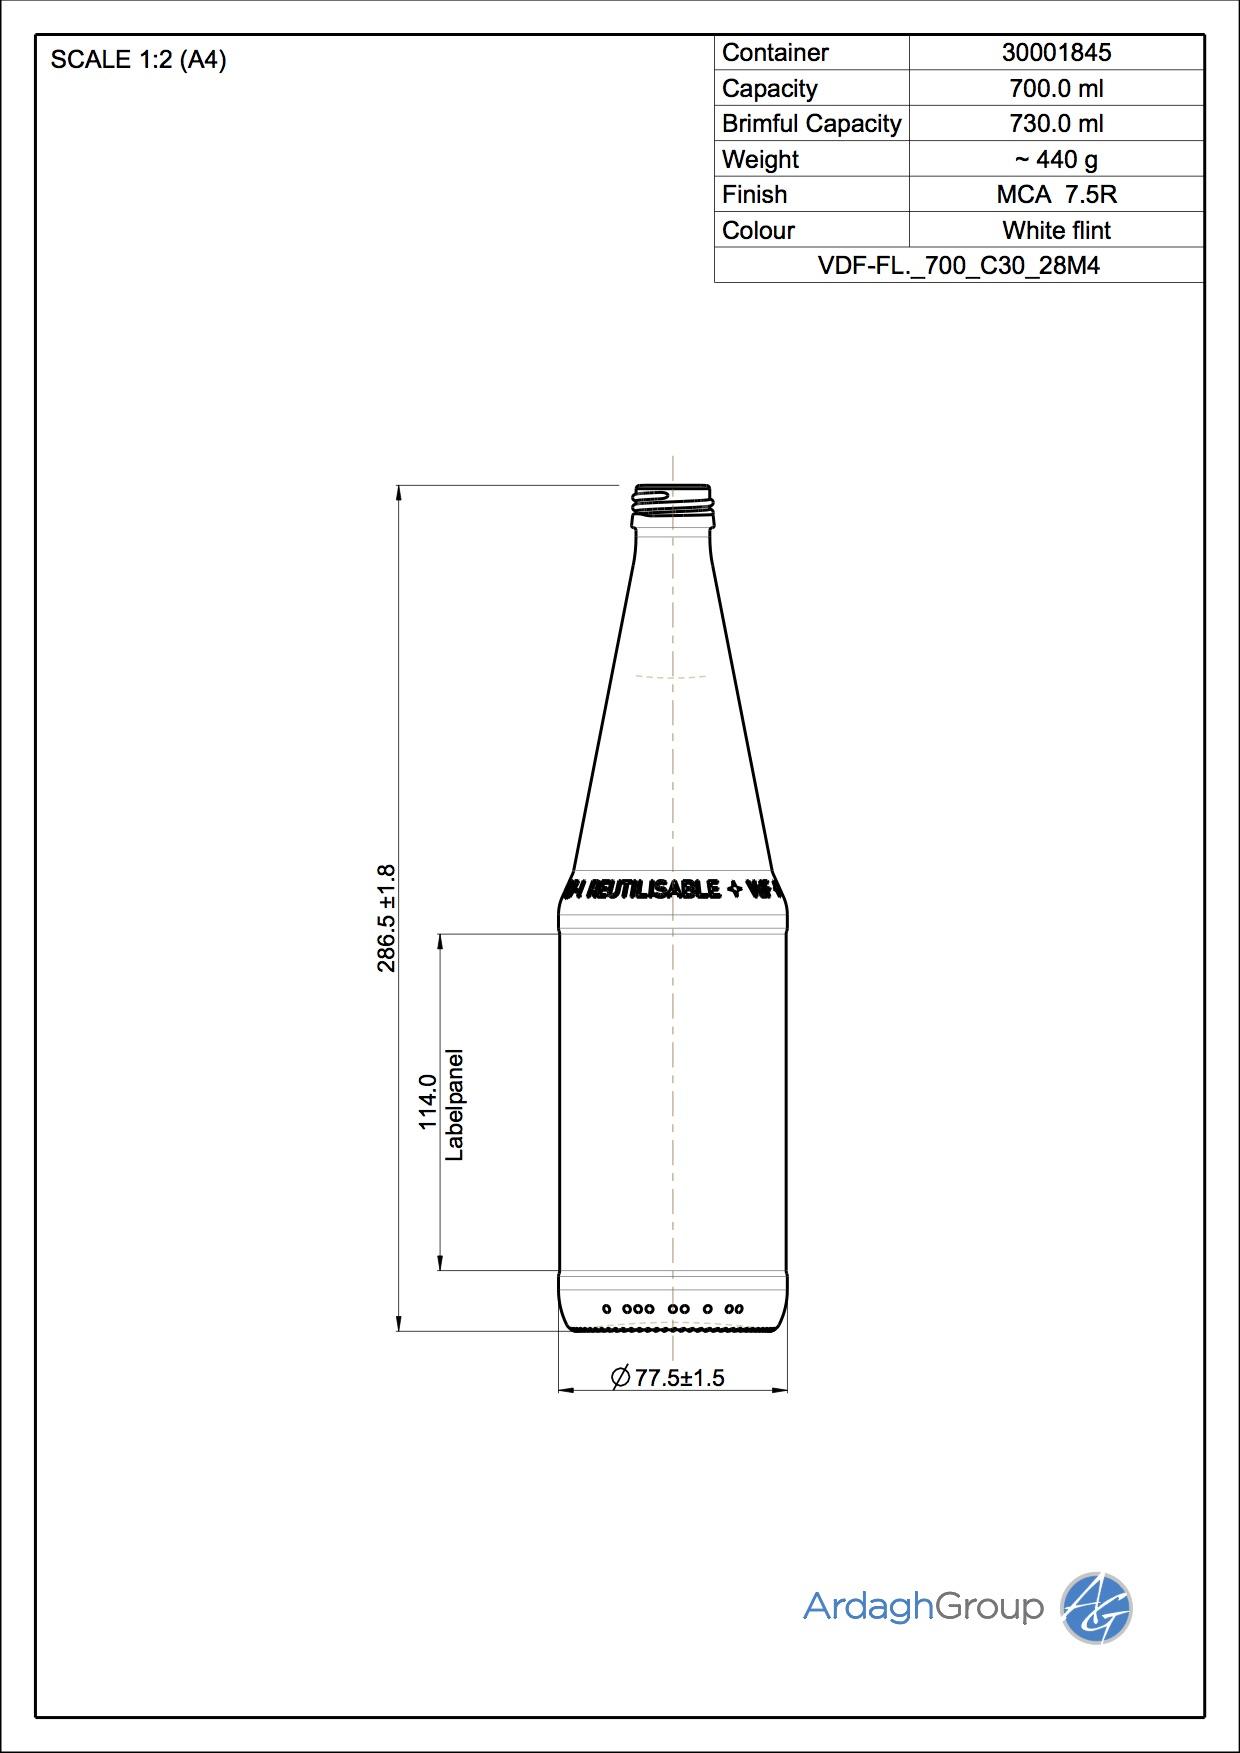 VDF-FL. 700 C32 28M4